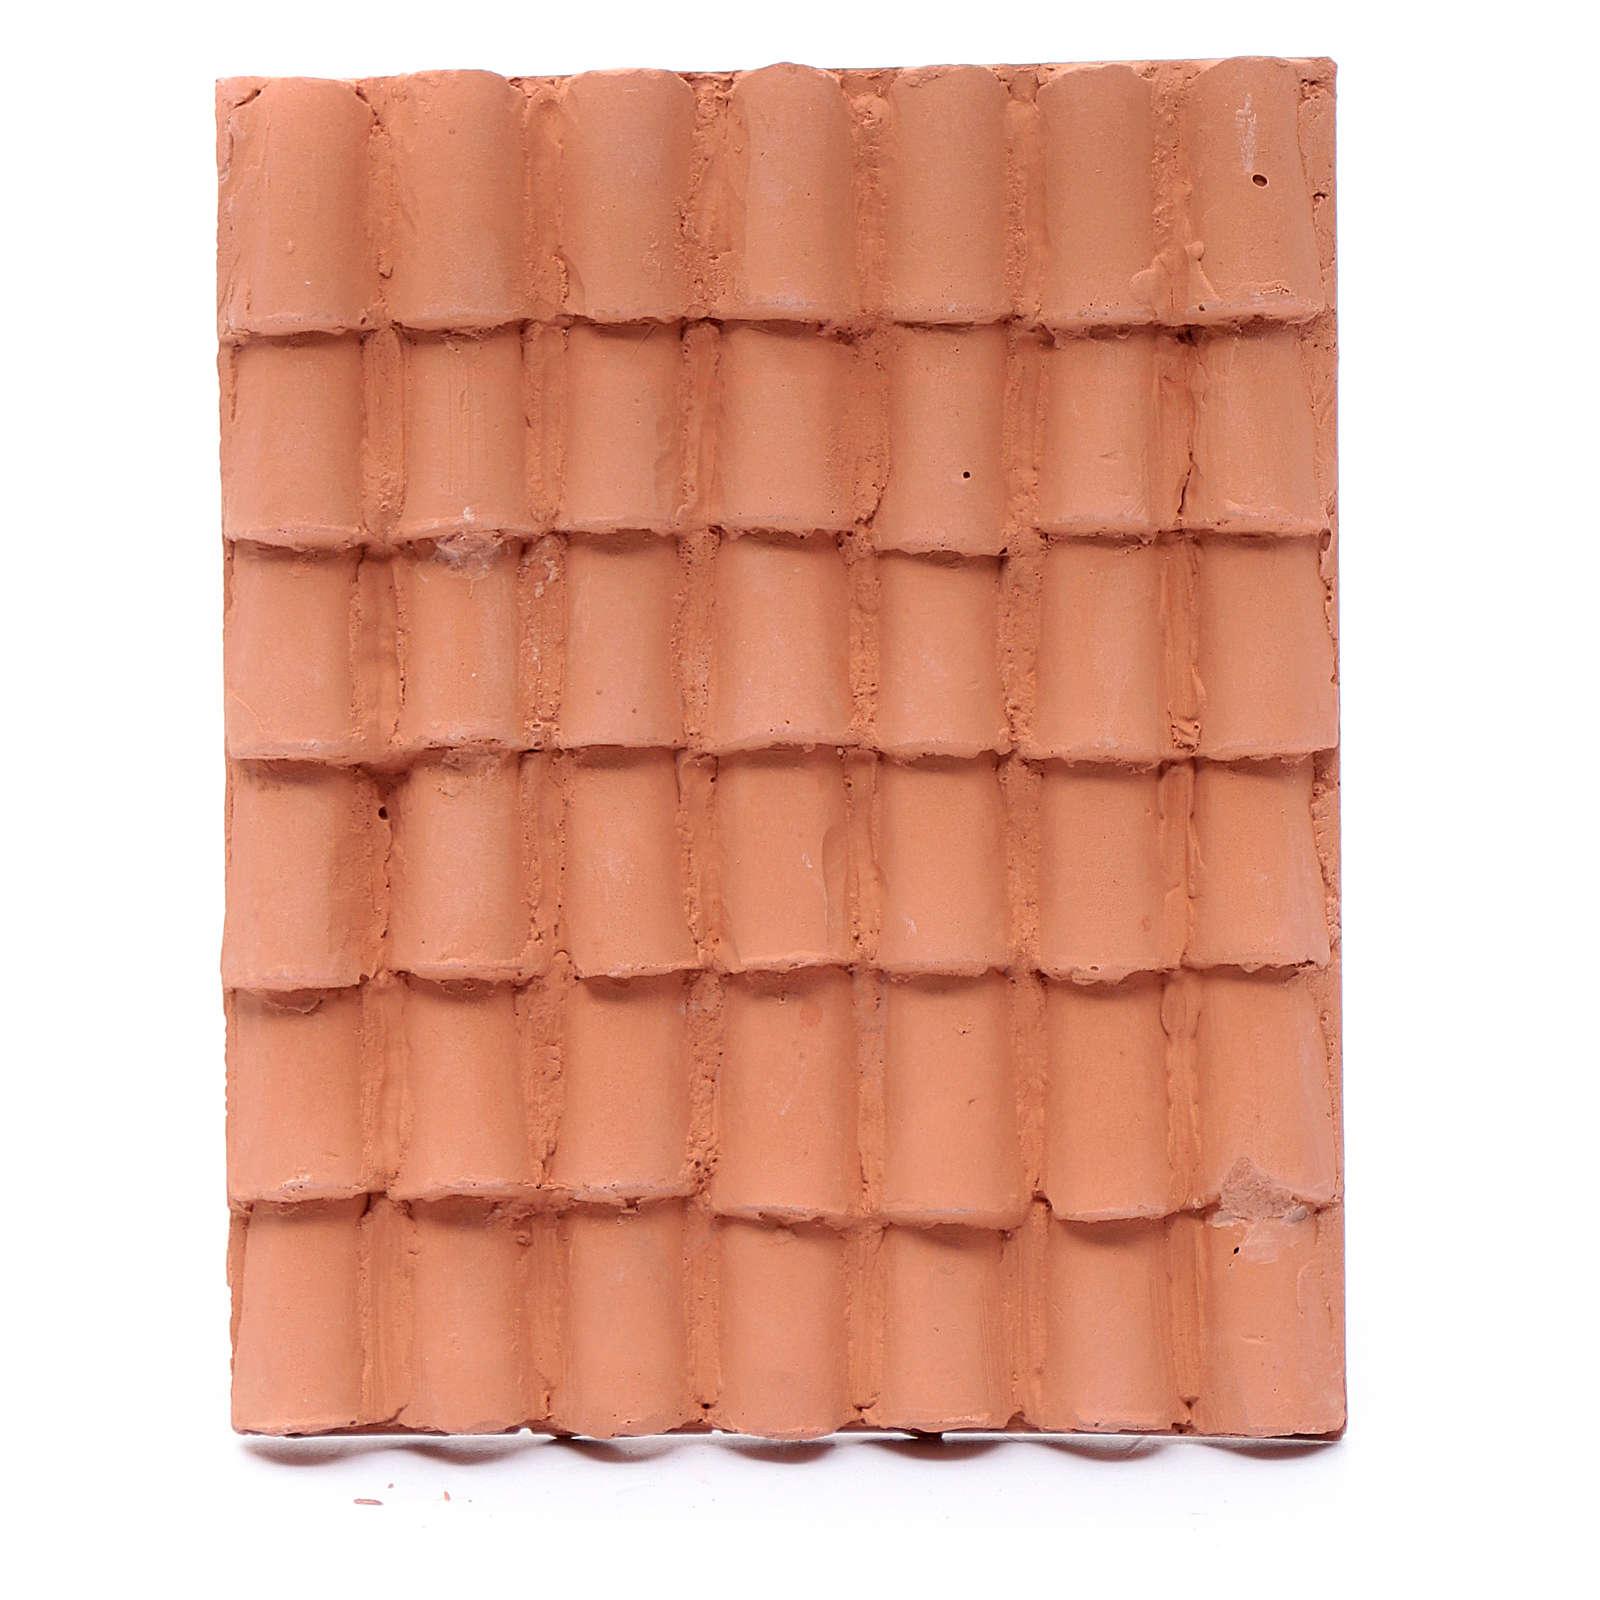 Toit avec tuiles résine couleur terre cuite 13x10 cm bricolage de crèche 4